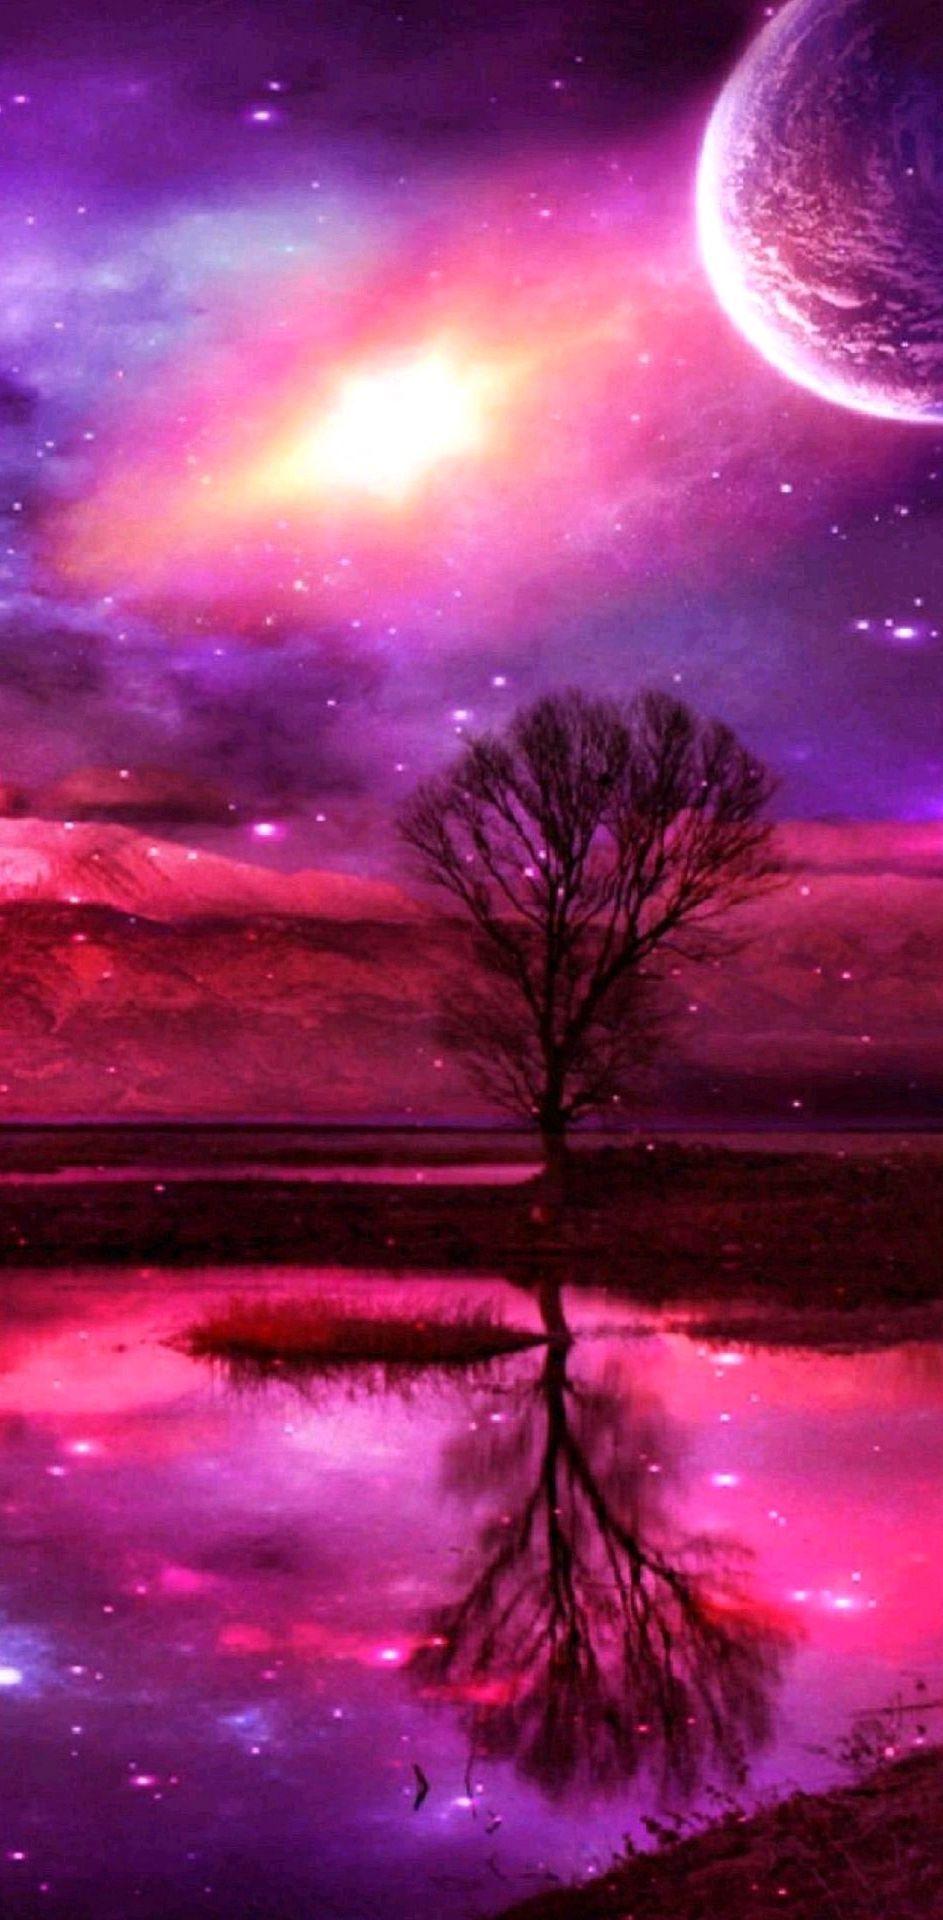 كل شيئ لقتل الملل 1 خلفيات بنفسجية Galaxy Art Night Sky Wallpaper Tree Water Wallpaper